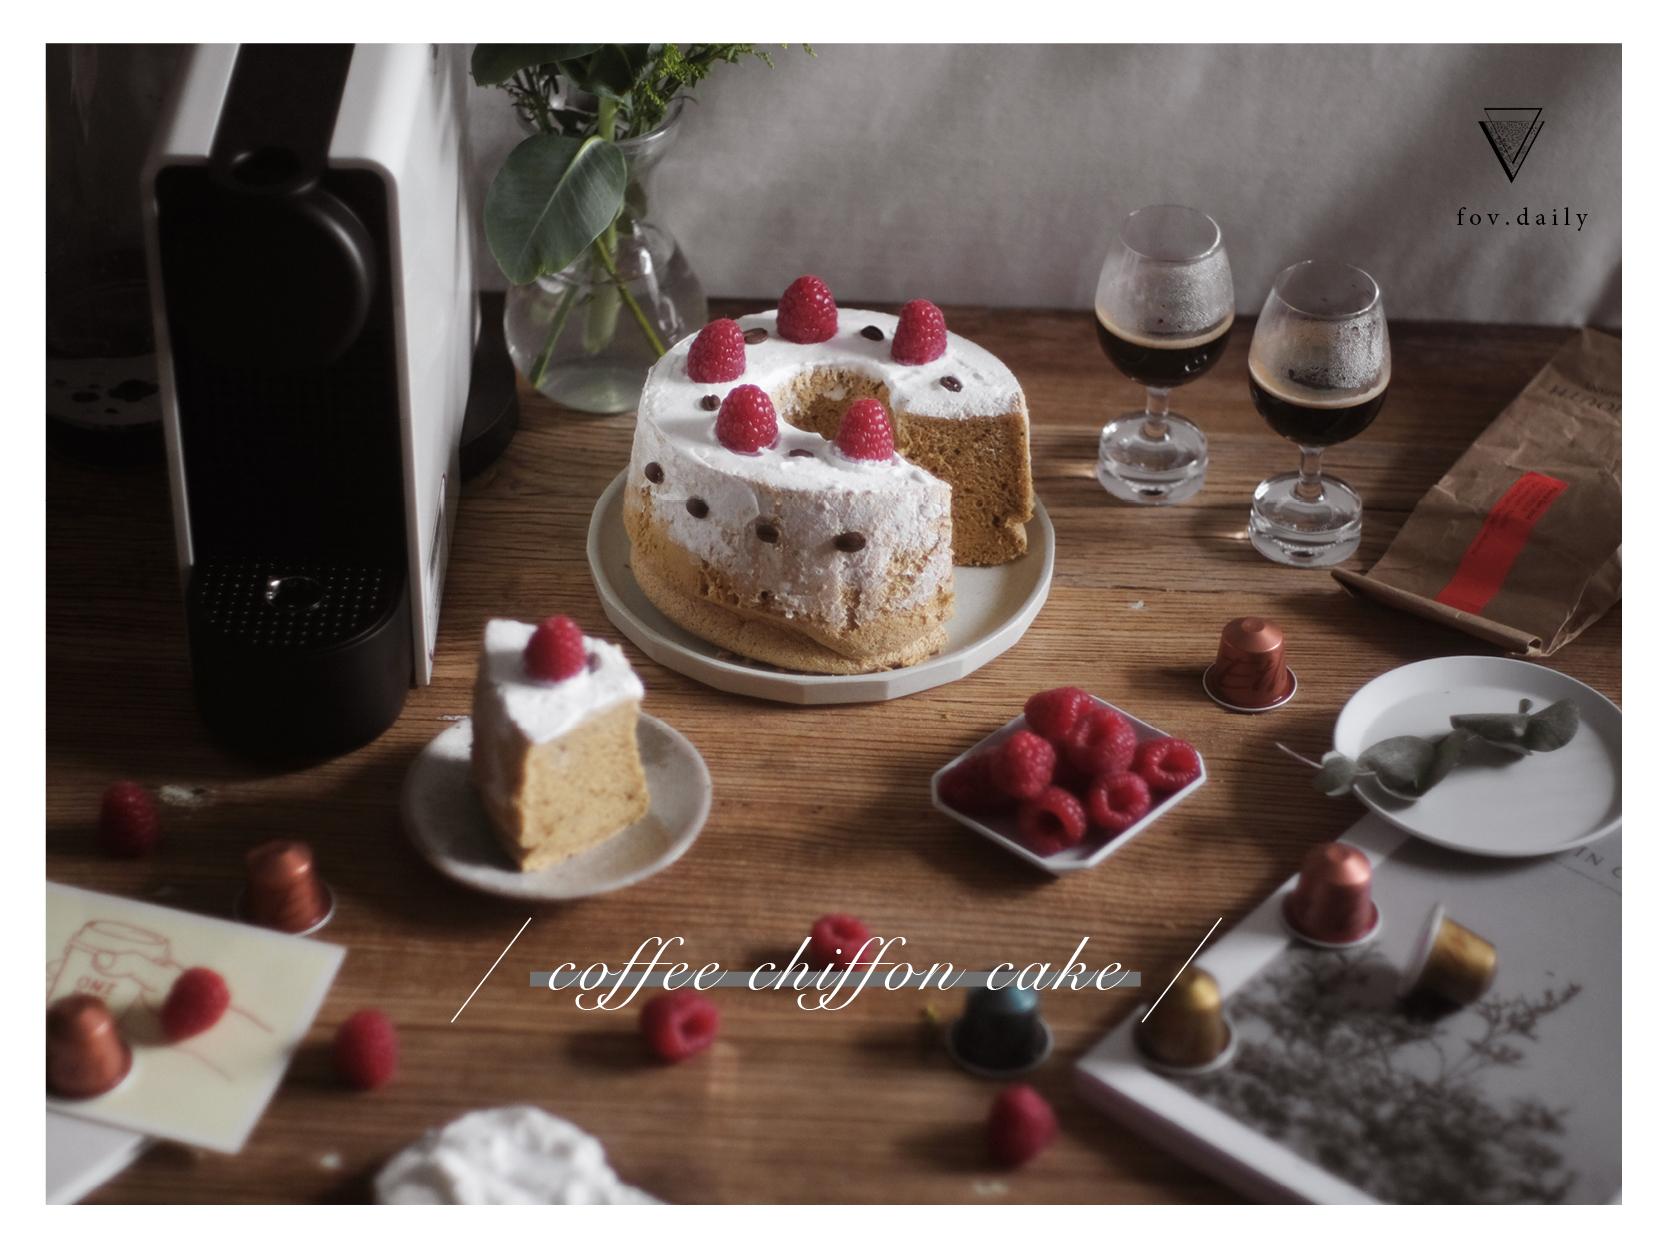 fov_cake step by step.jpg